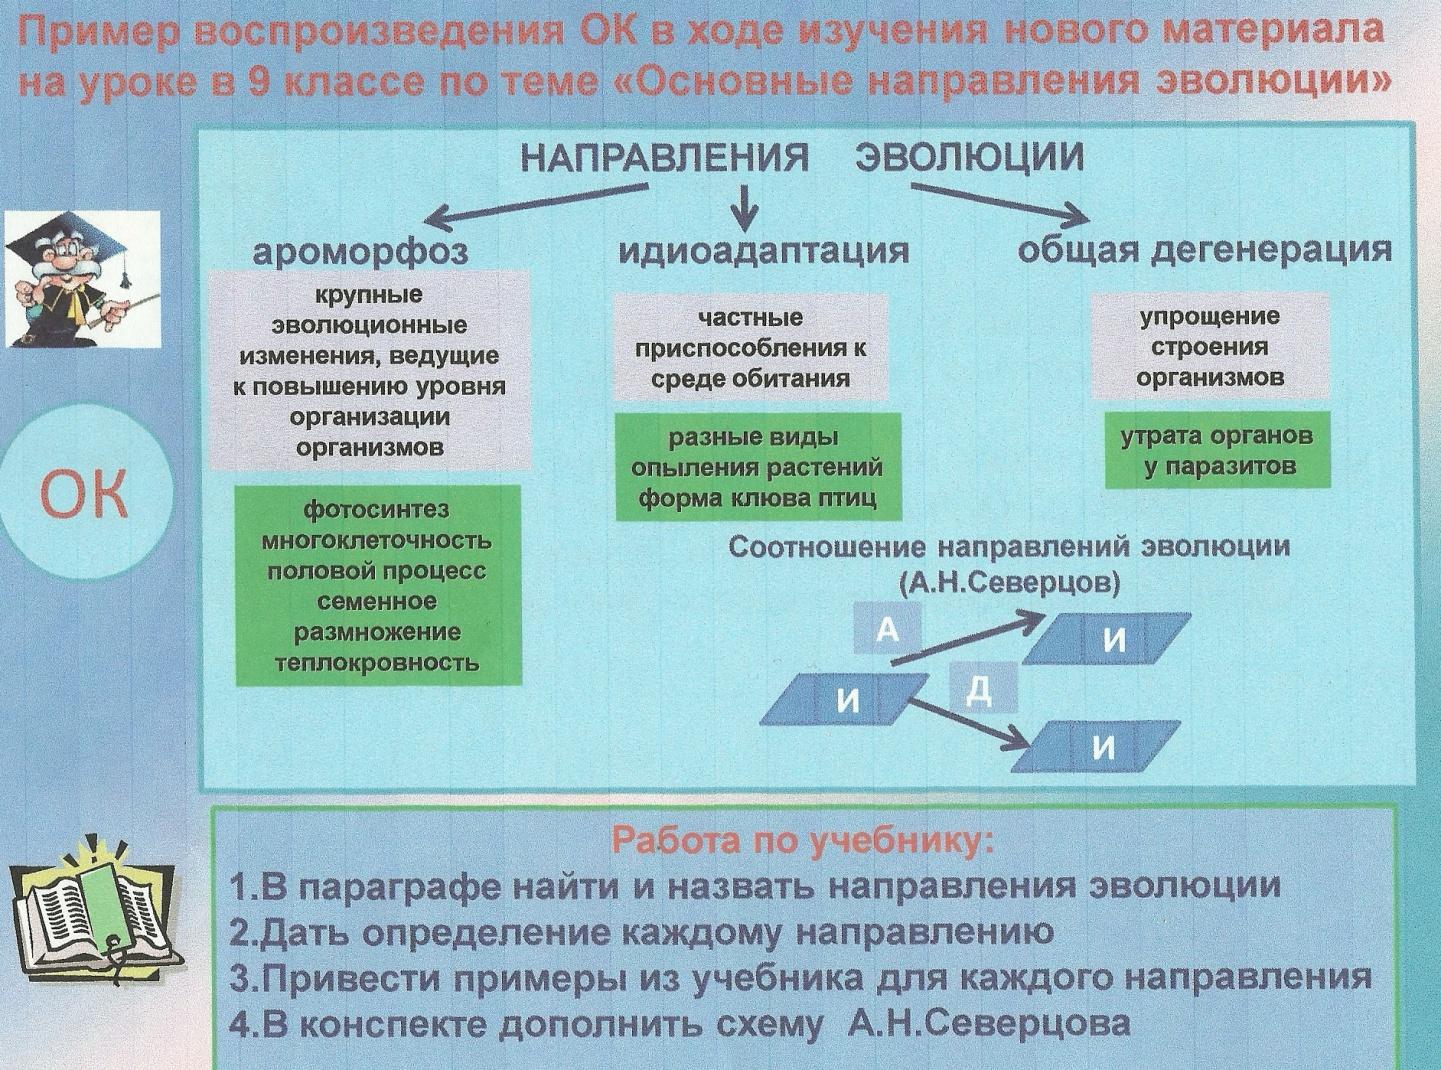 C:\Documents and Settings\User\Мои документы\Мои рисунки\Мои сканированные изображения\2011-04 (апр)\сканирование0001.jpg